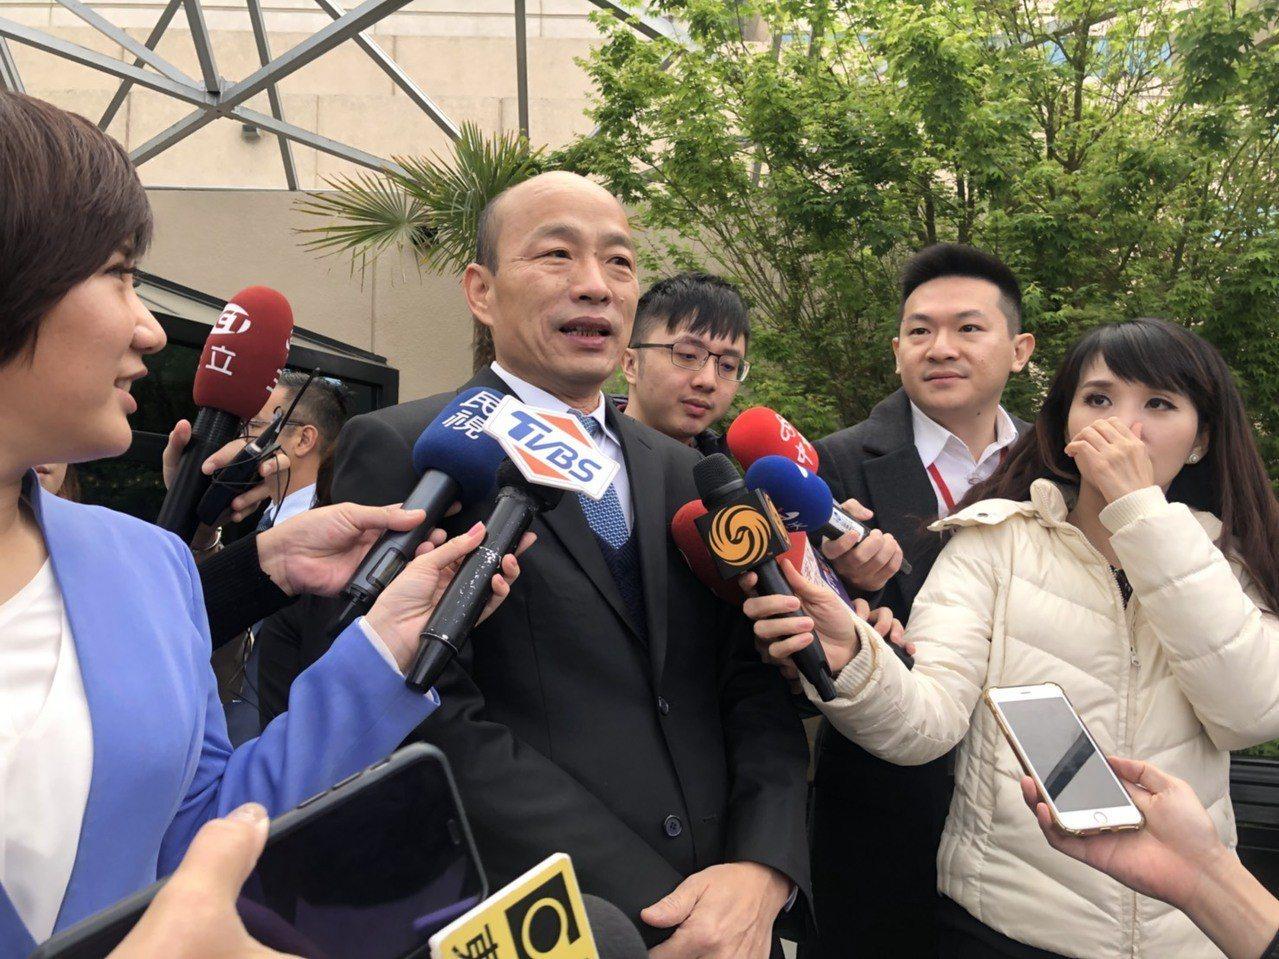 高雄市長韓國瑜在史丹福大學演講,主題是「我的高雄之路:重塑台灣政黨政治和重視公僕...